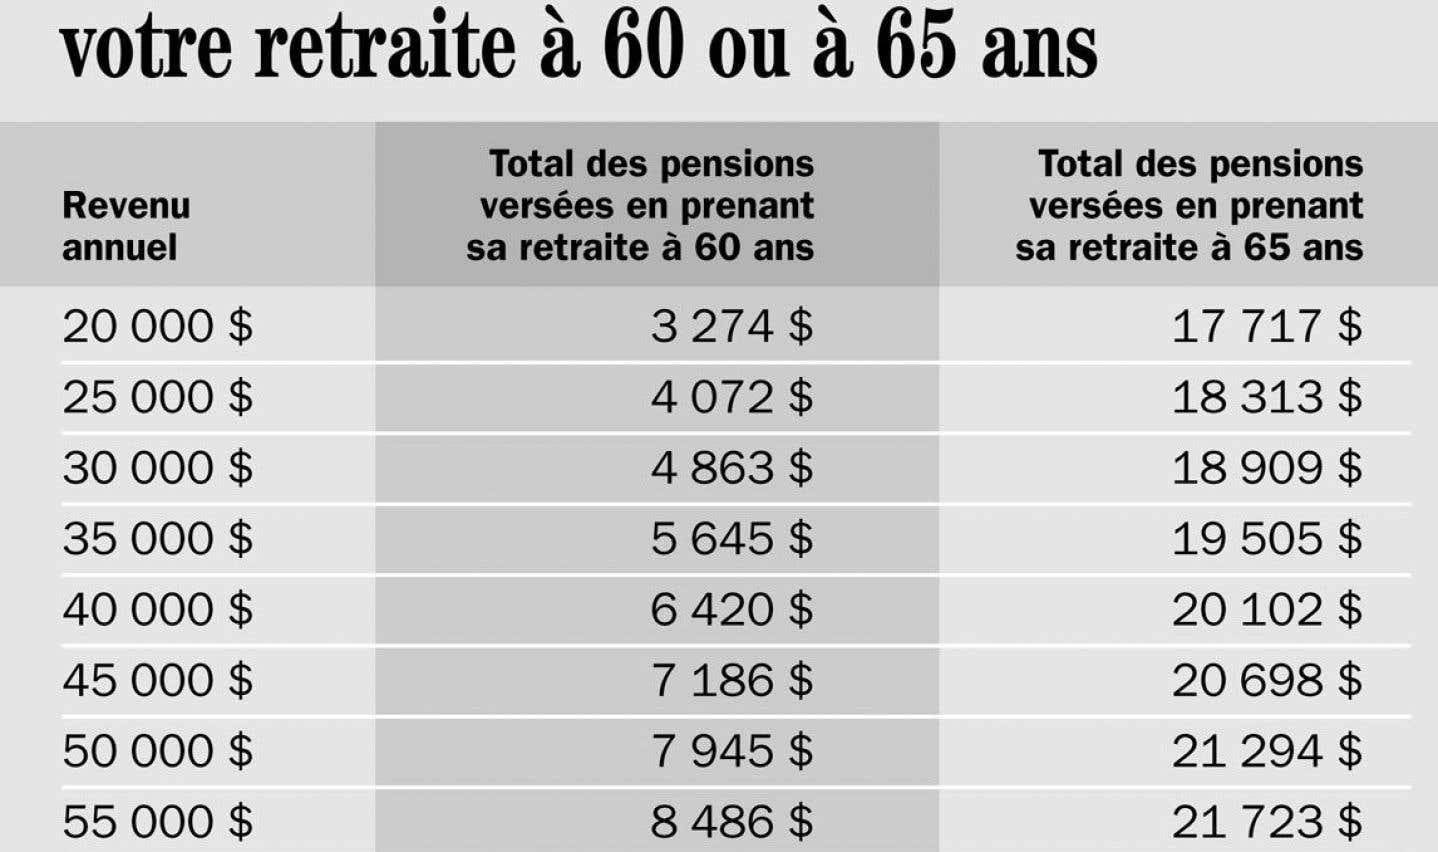 Prendre sa retraite à 60 ou à 65ans?